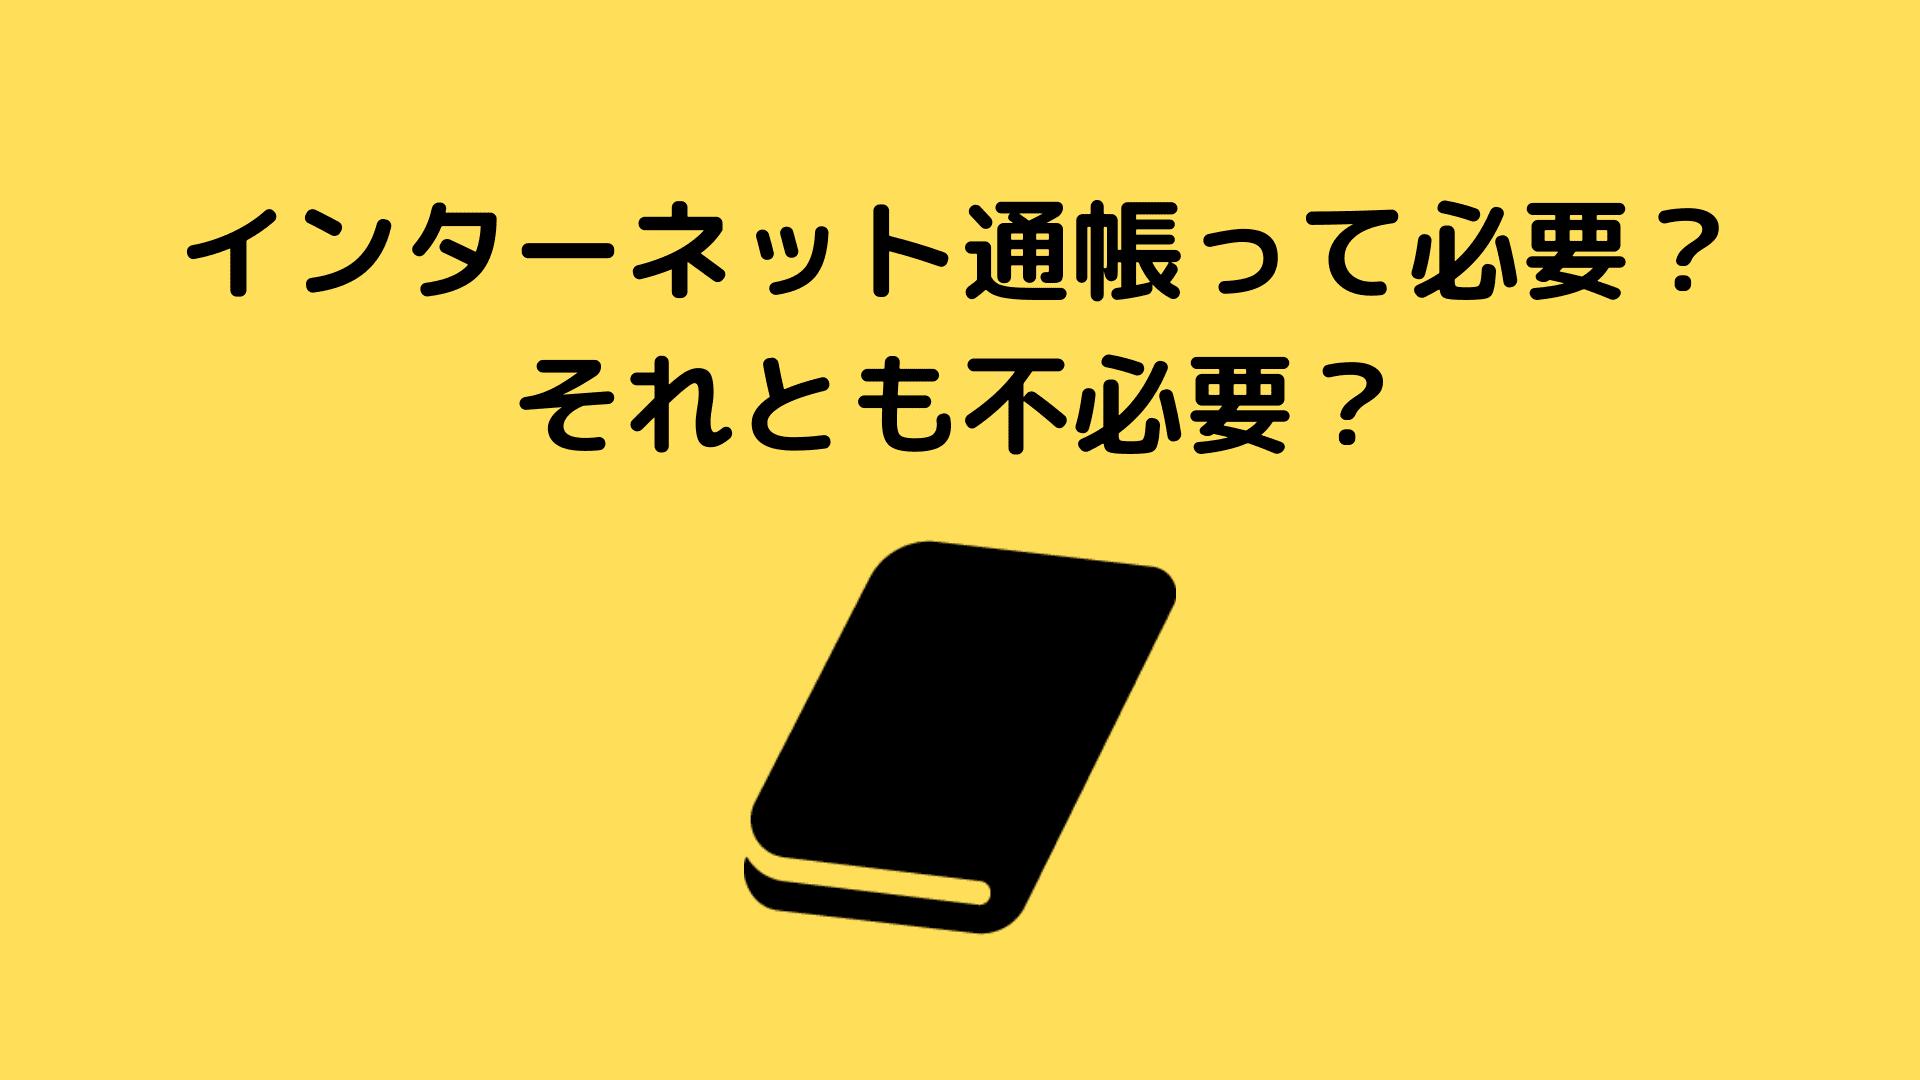 Internet passbook